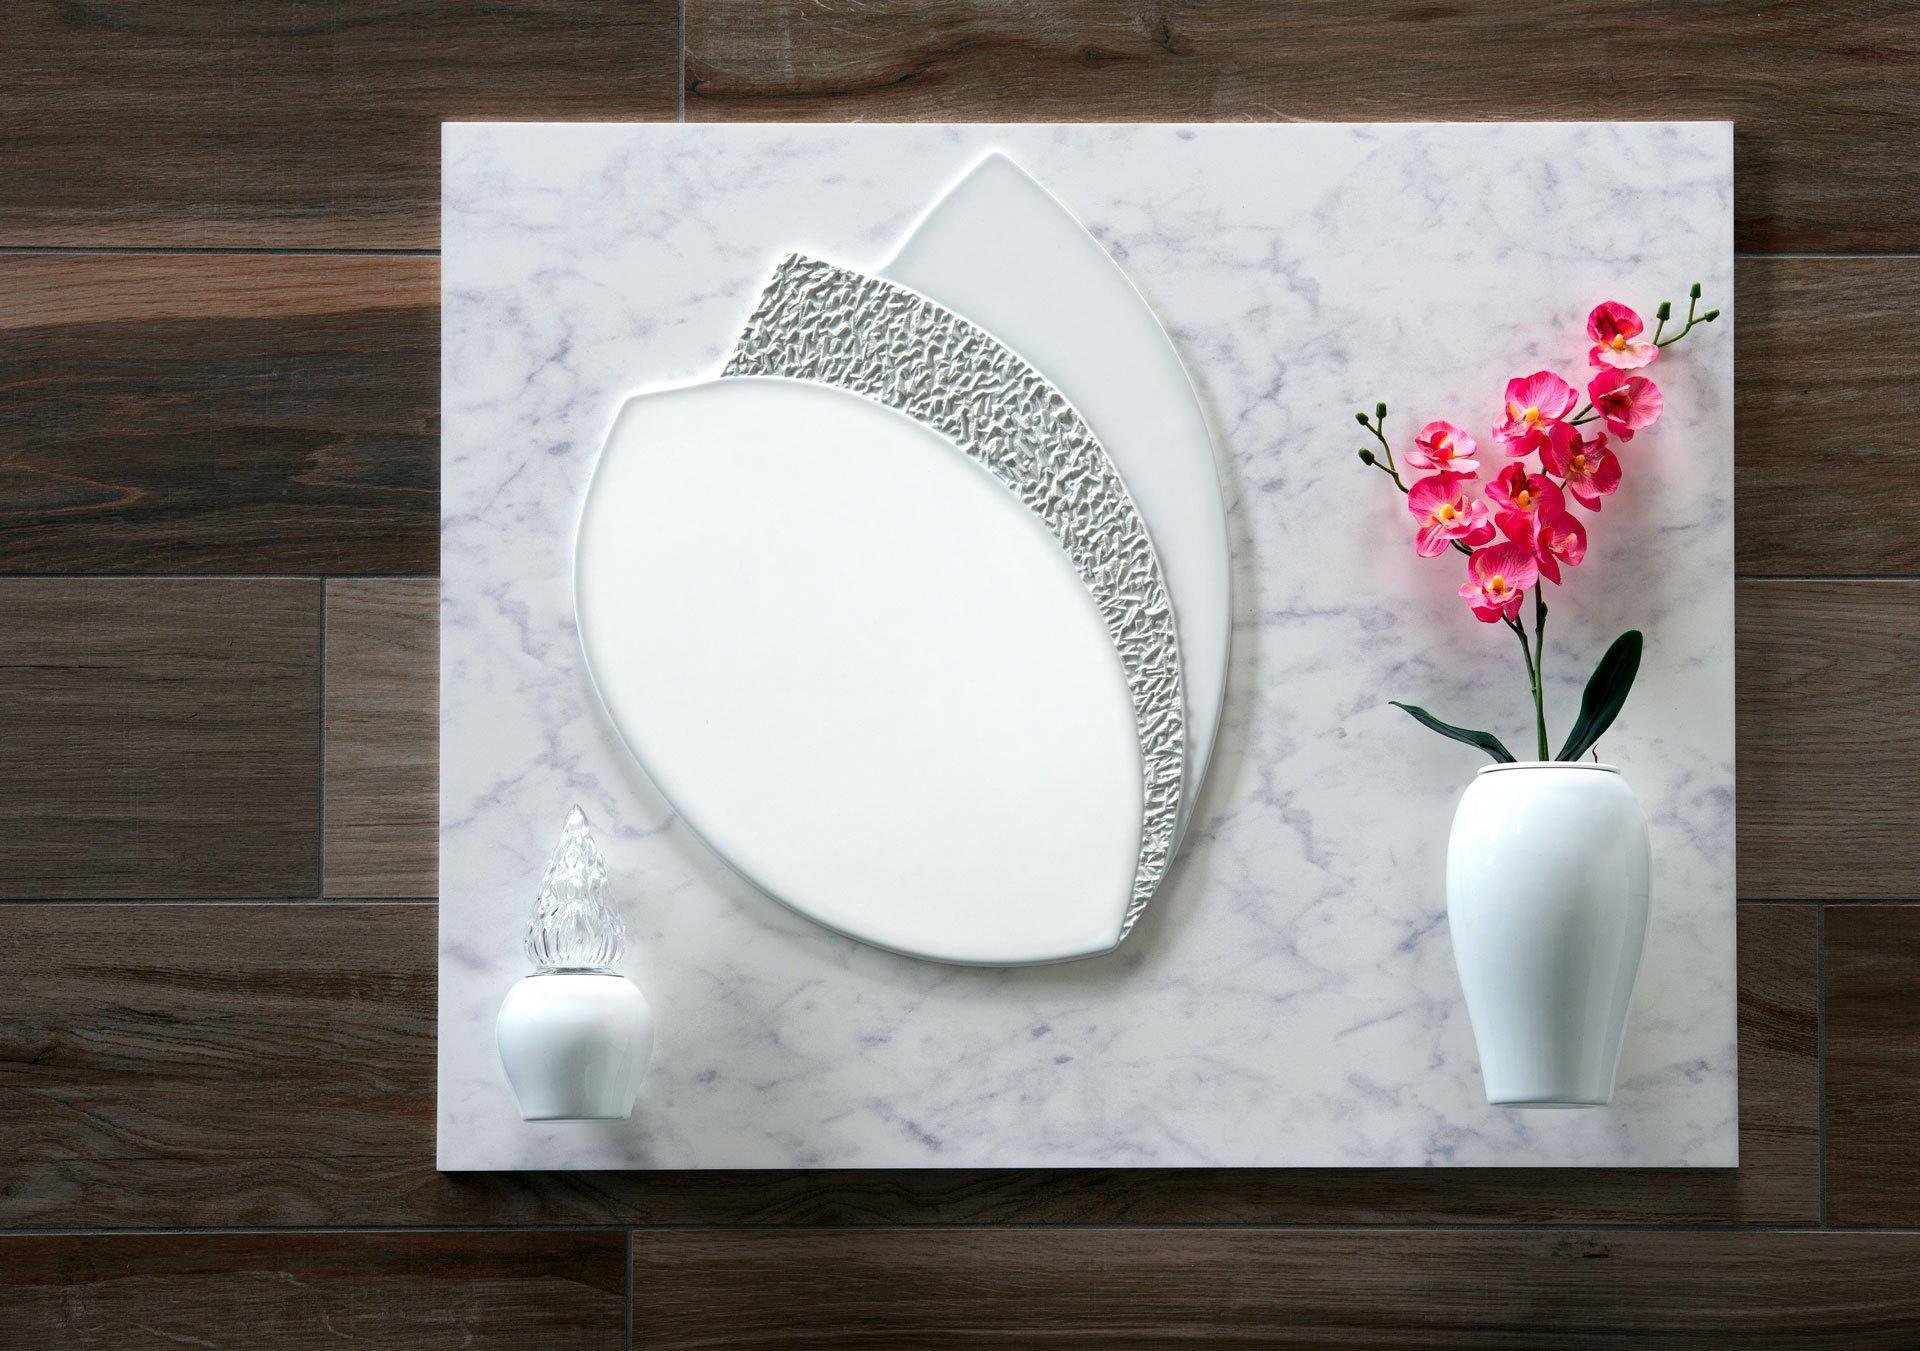 BSZ plates